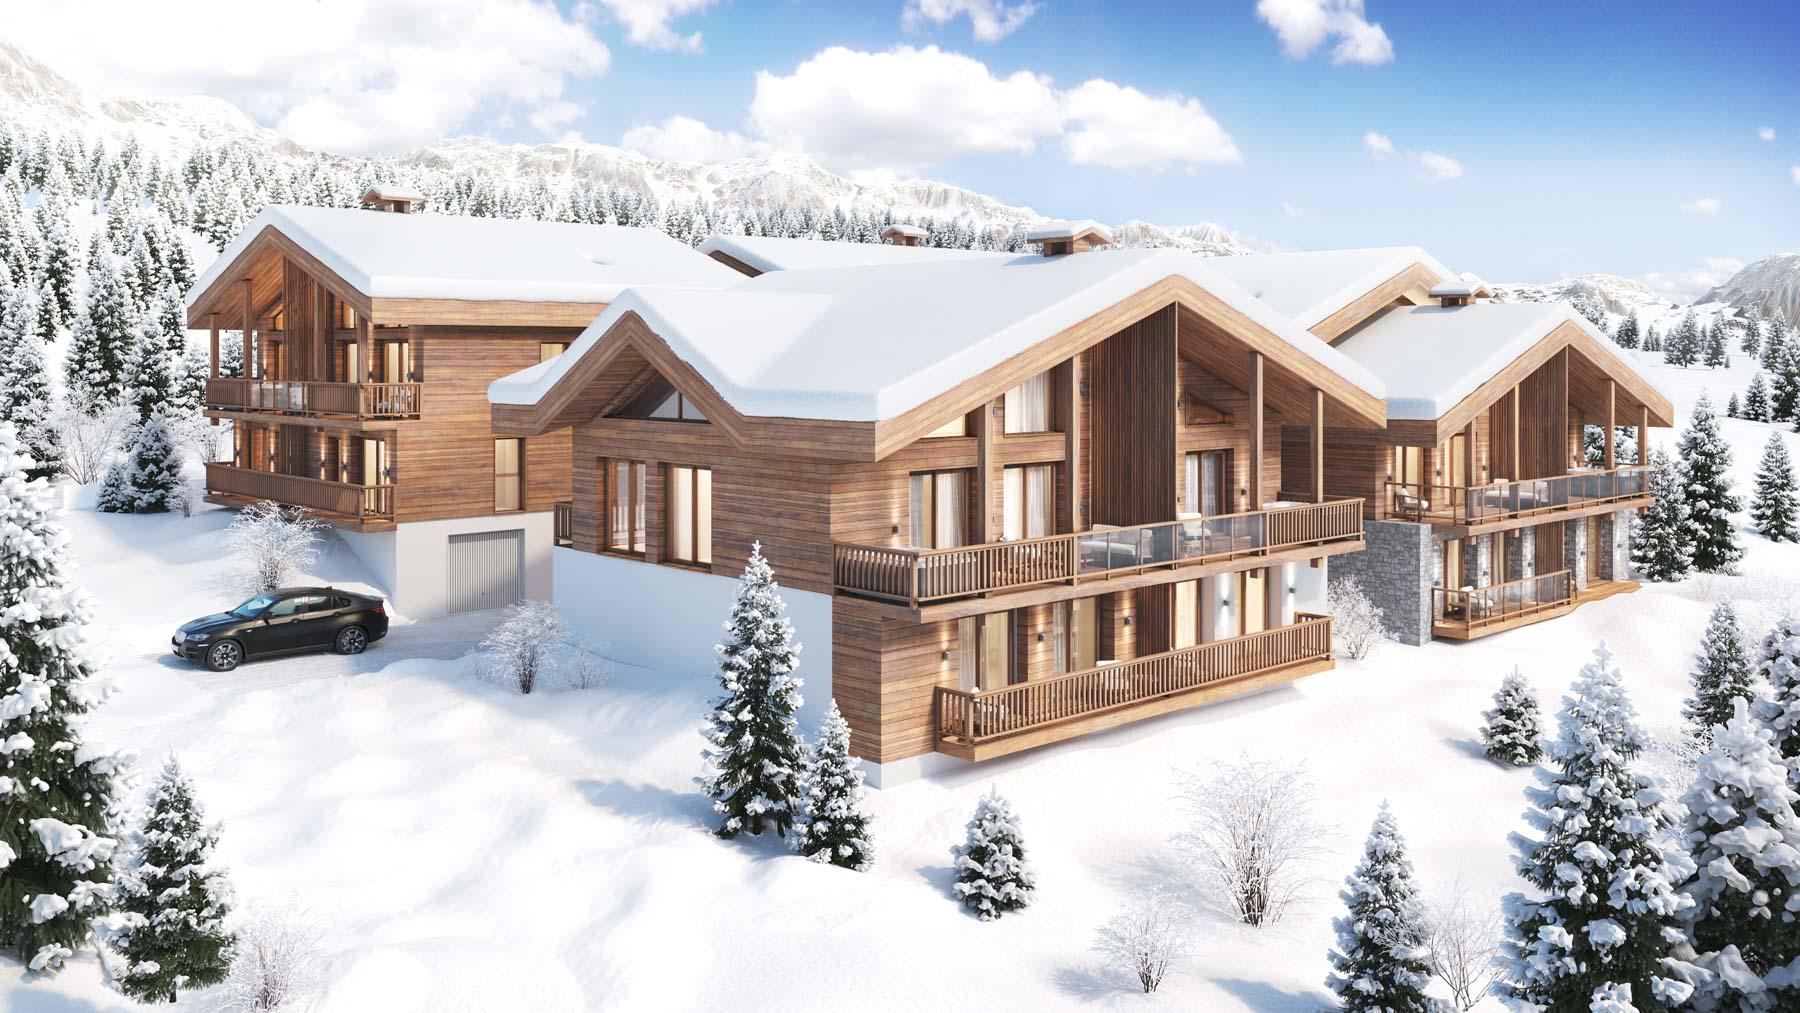 Kamet New Build Chalets Exterior in snow